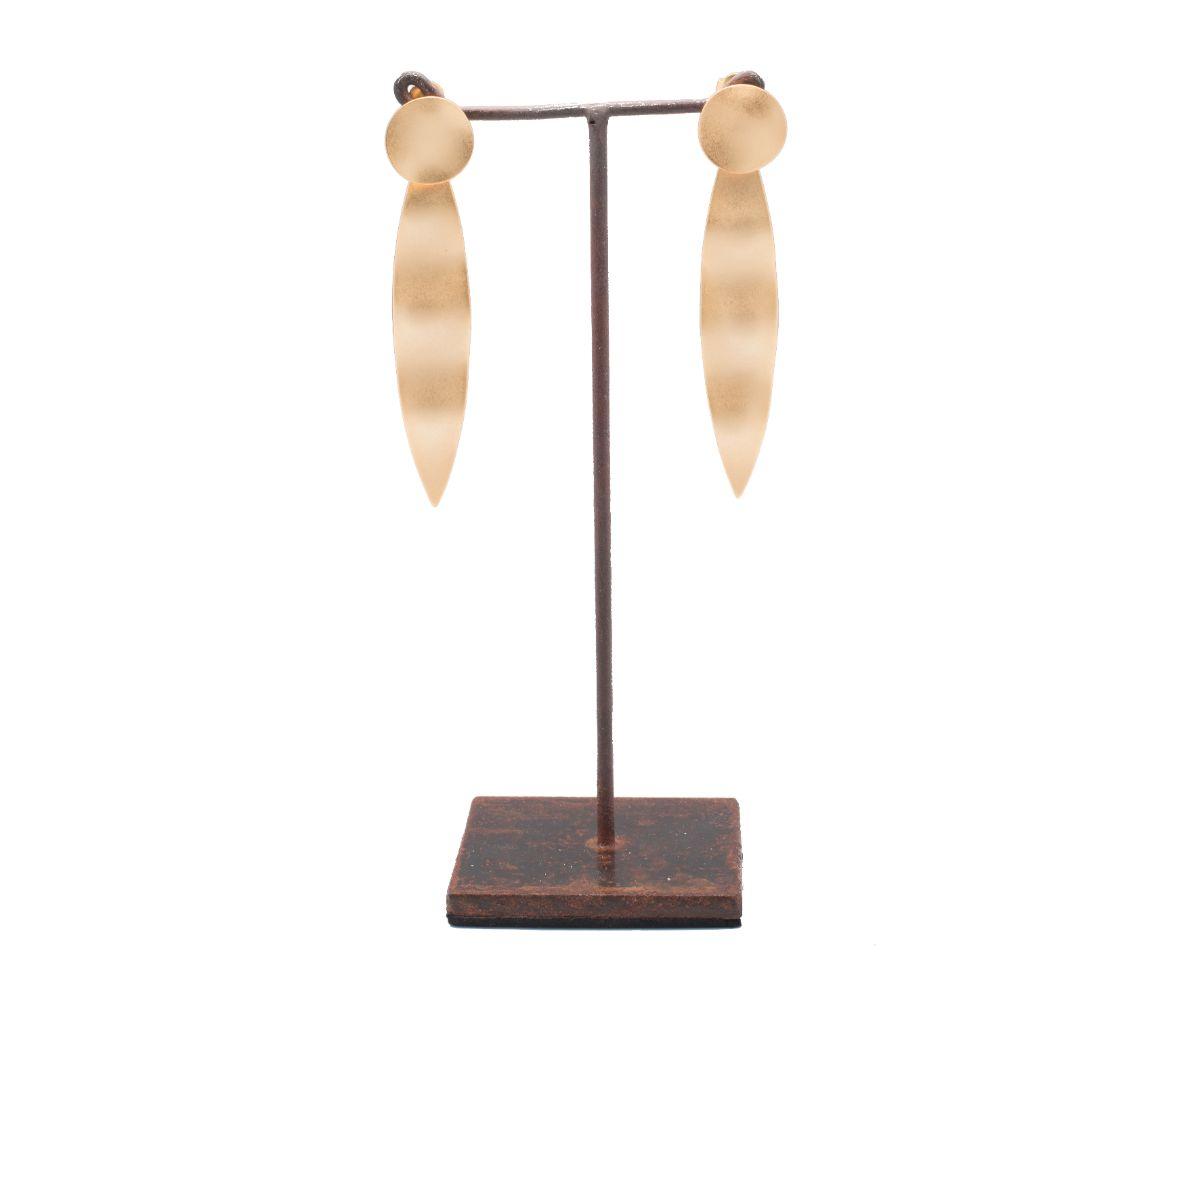 Ninfa pendiente largo dorado con cierre a presión con círculo y pieza irregular alargada